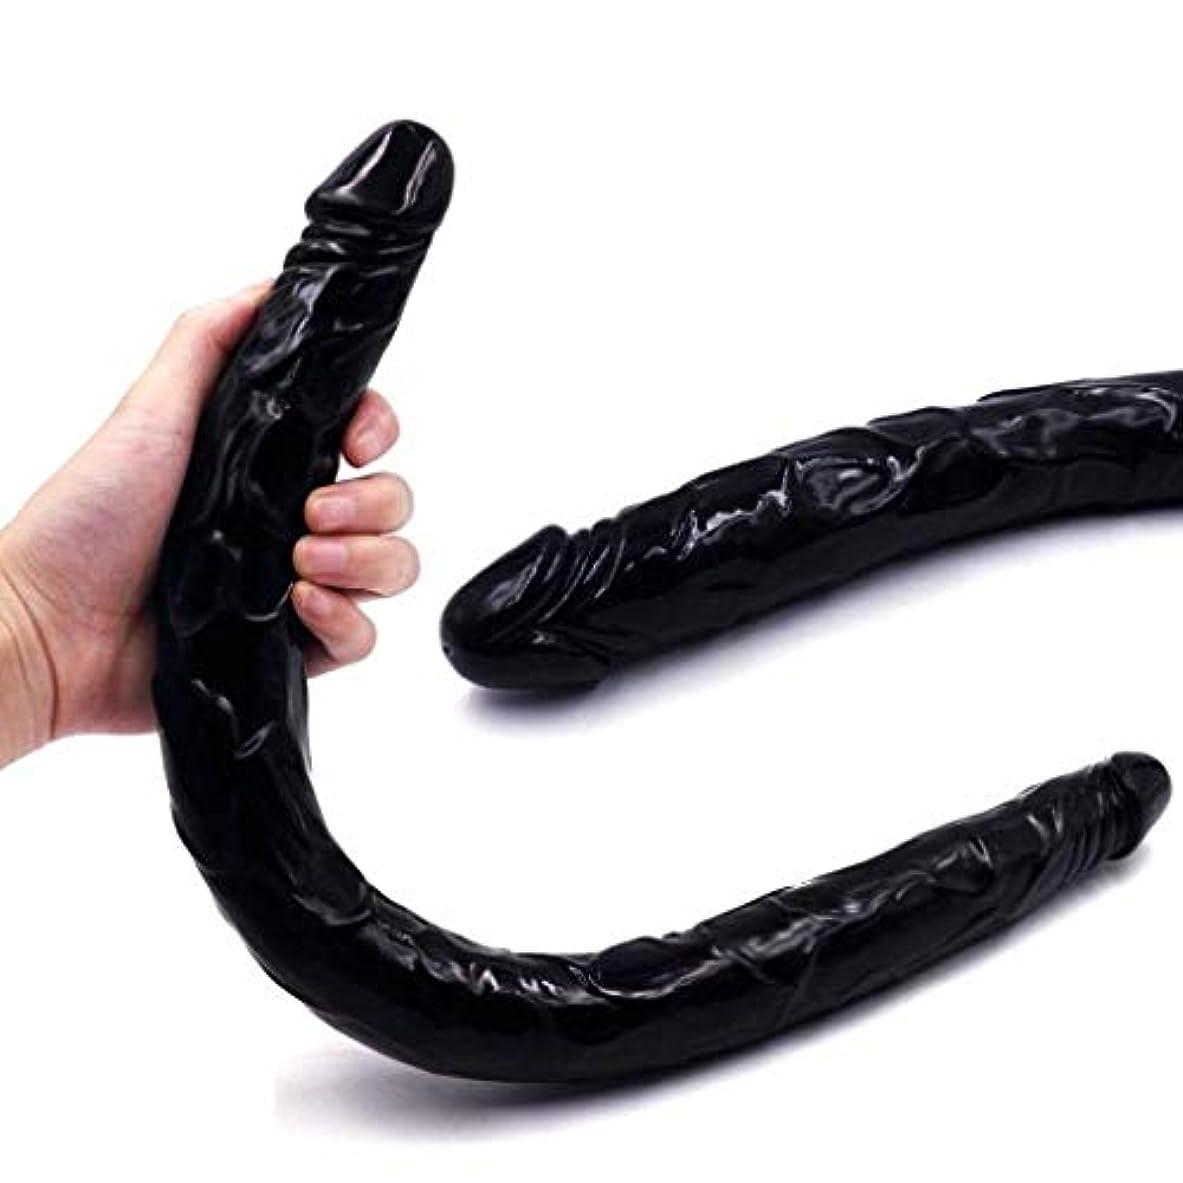 コンセンサス危険にさらされているフィヨルドRisareyi 21.56インチ等身大の巨大なおもちゃ、3D超現実的なおもちゃ、女性のためのパーソナルリラックスツール女性Tシャツ (Color : 黒)